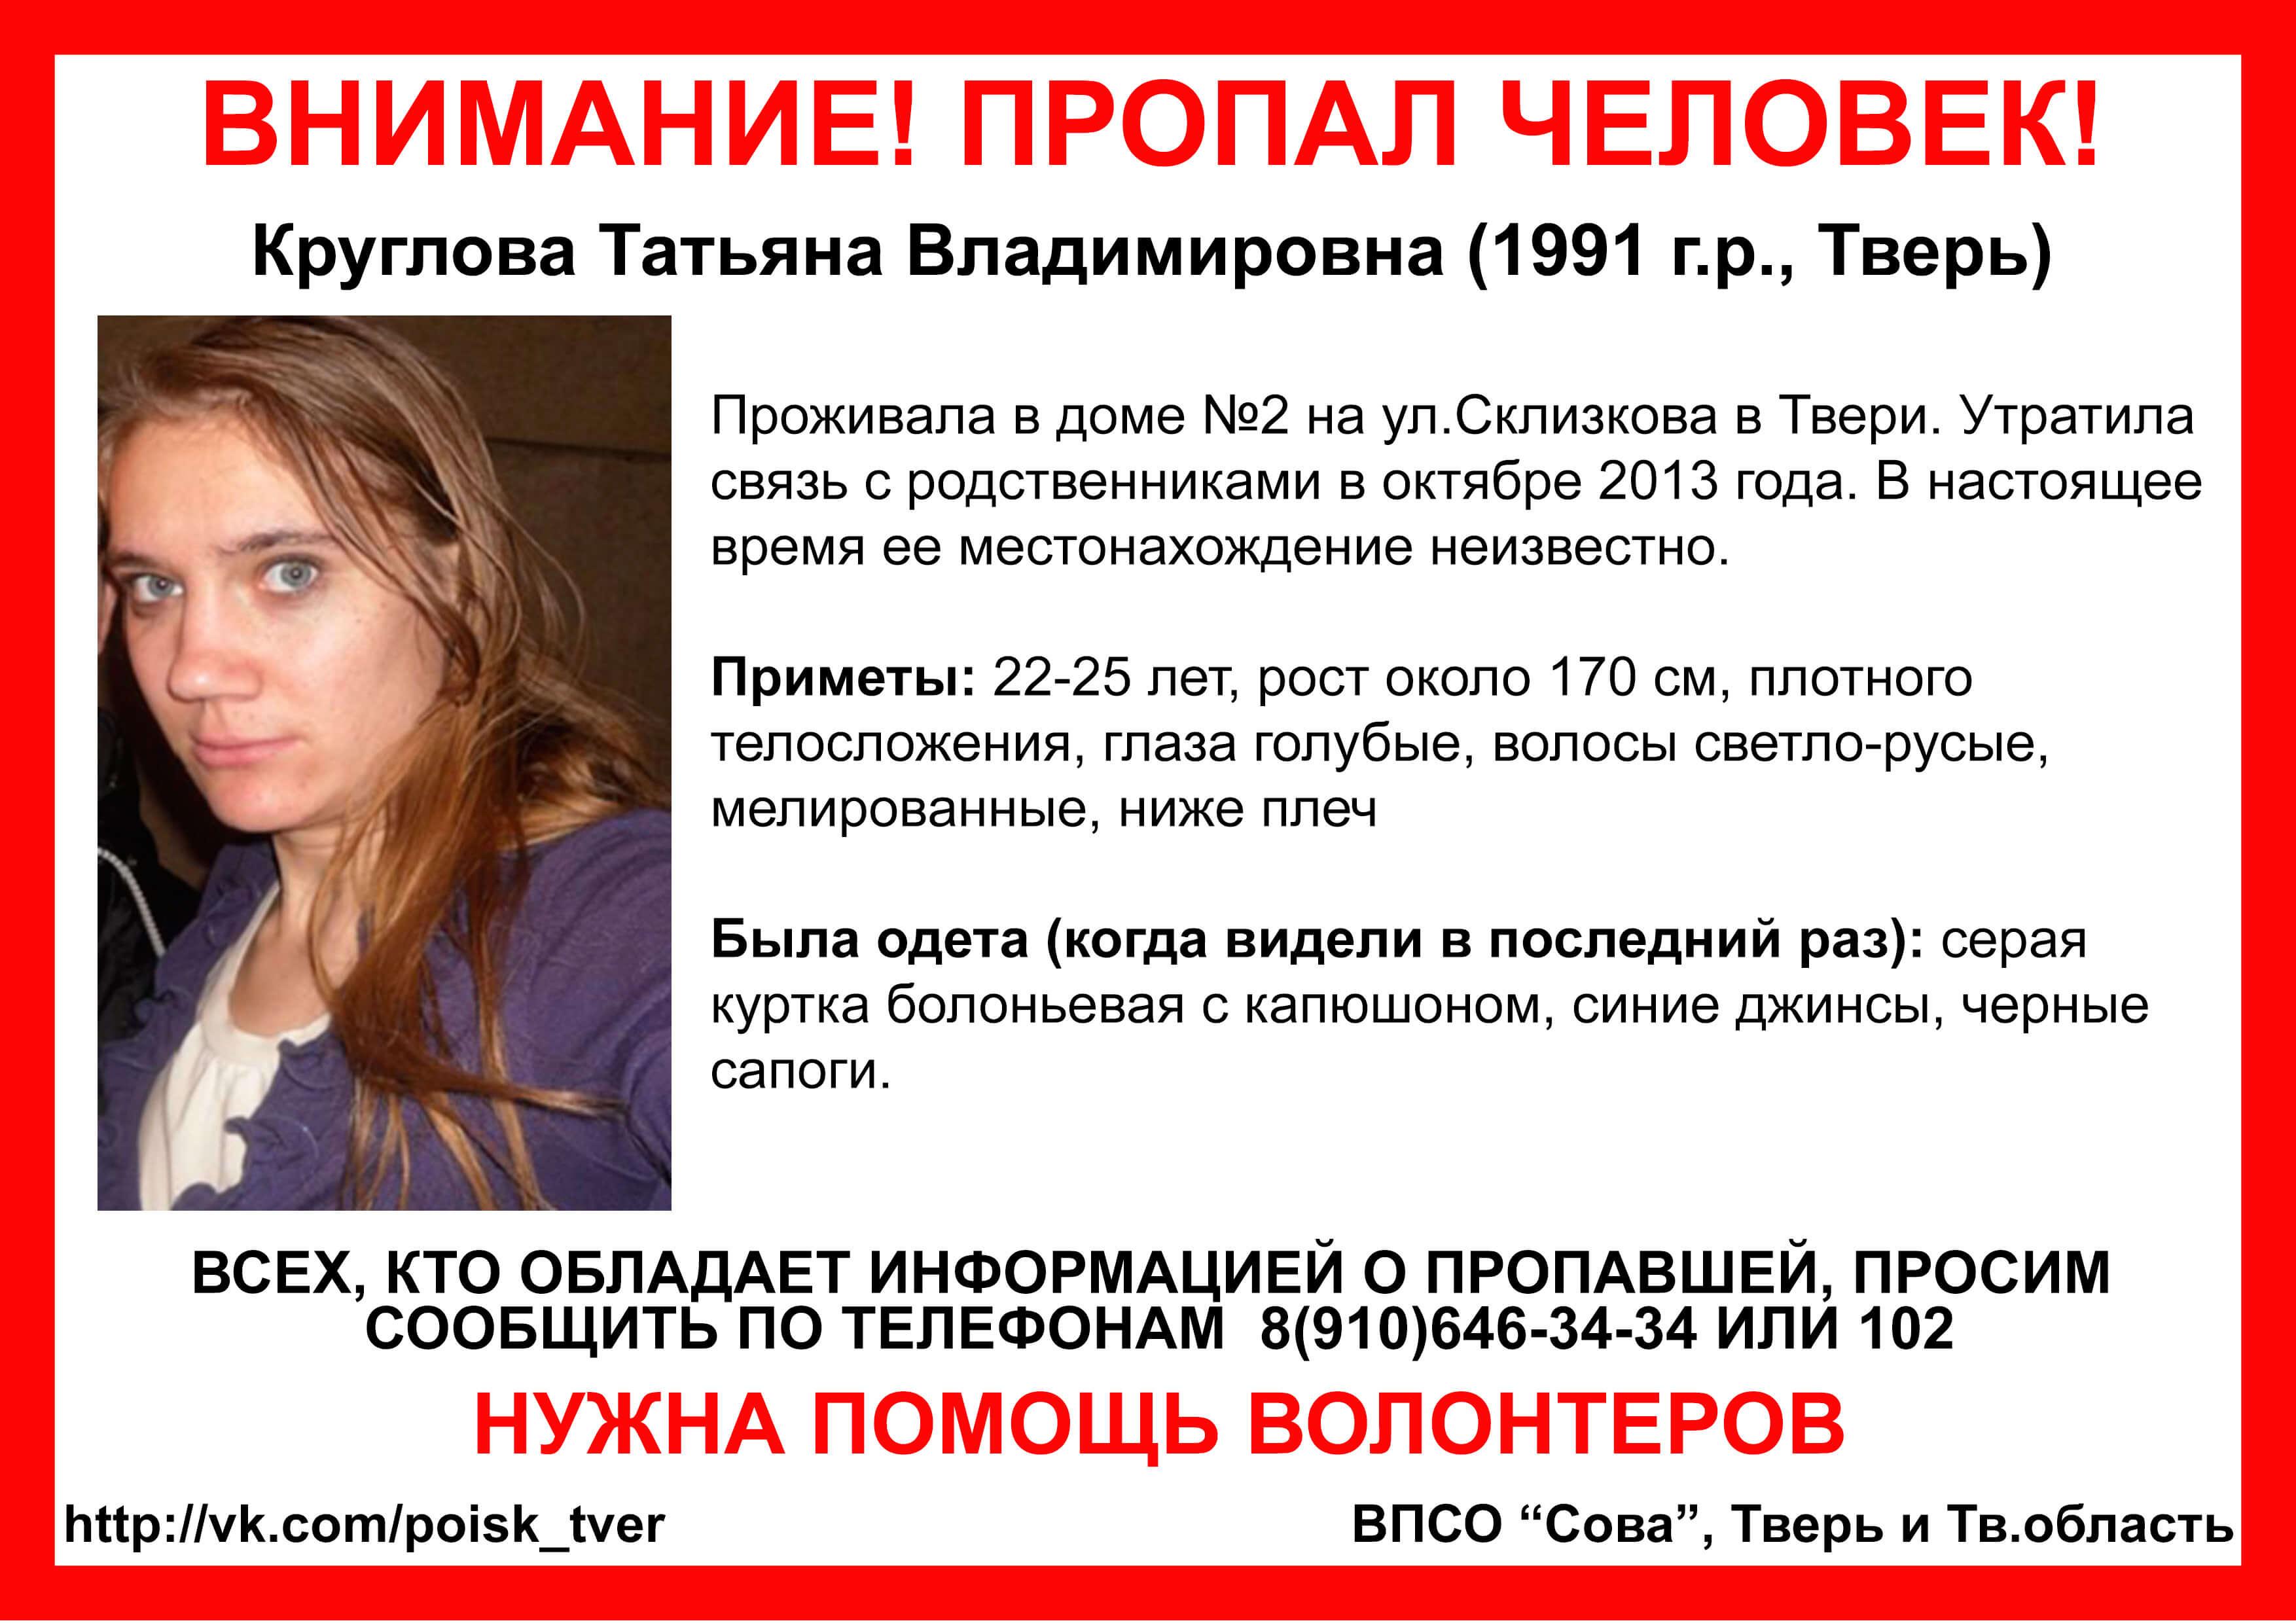 В Твери разыскивают пропавшую без вести Татьяну Круглову